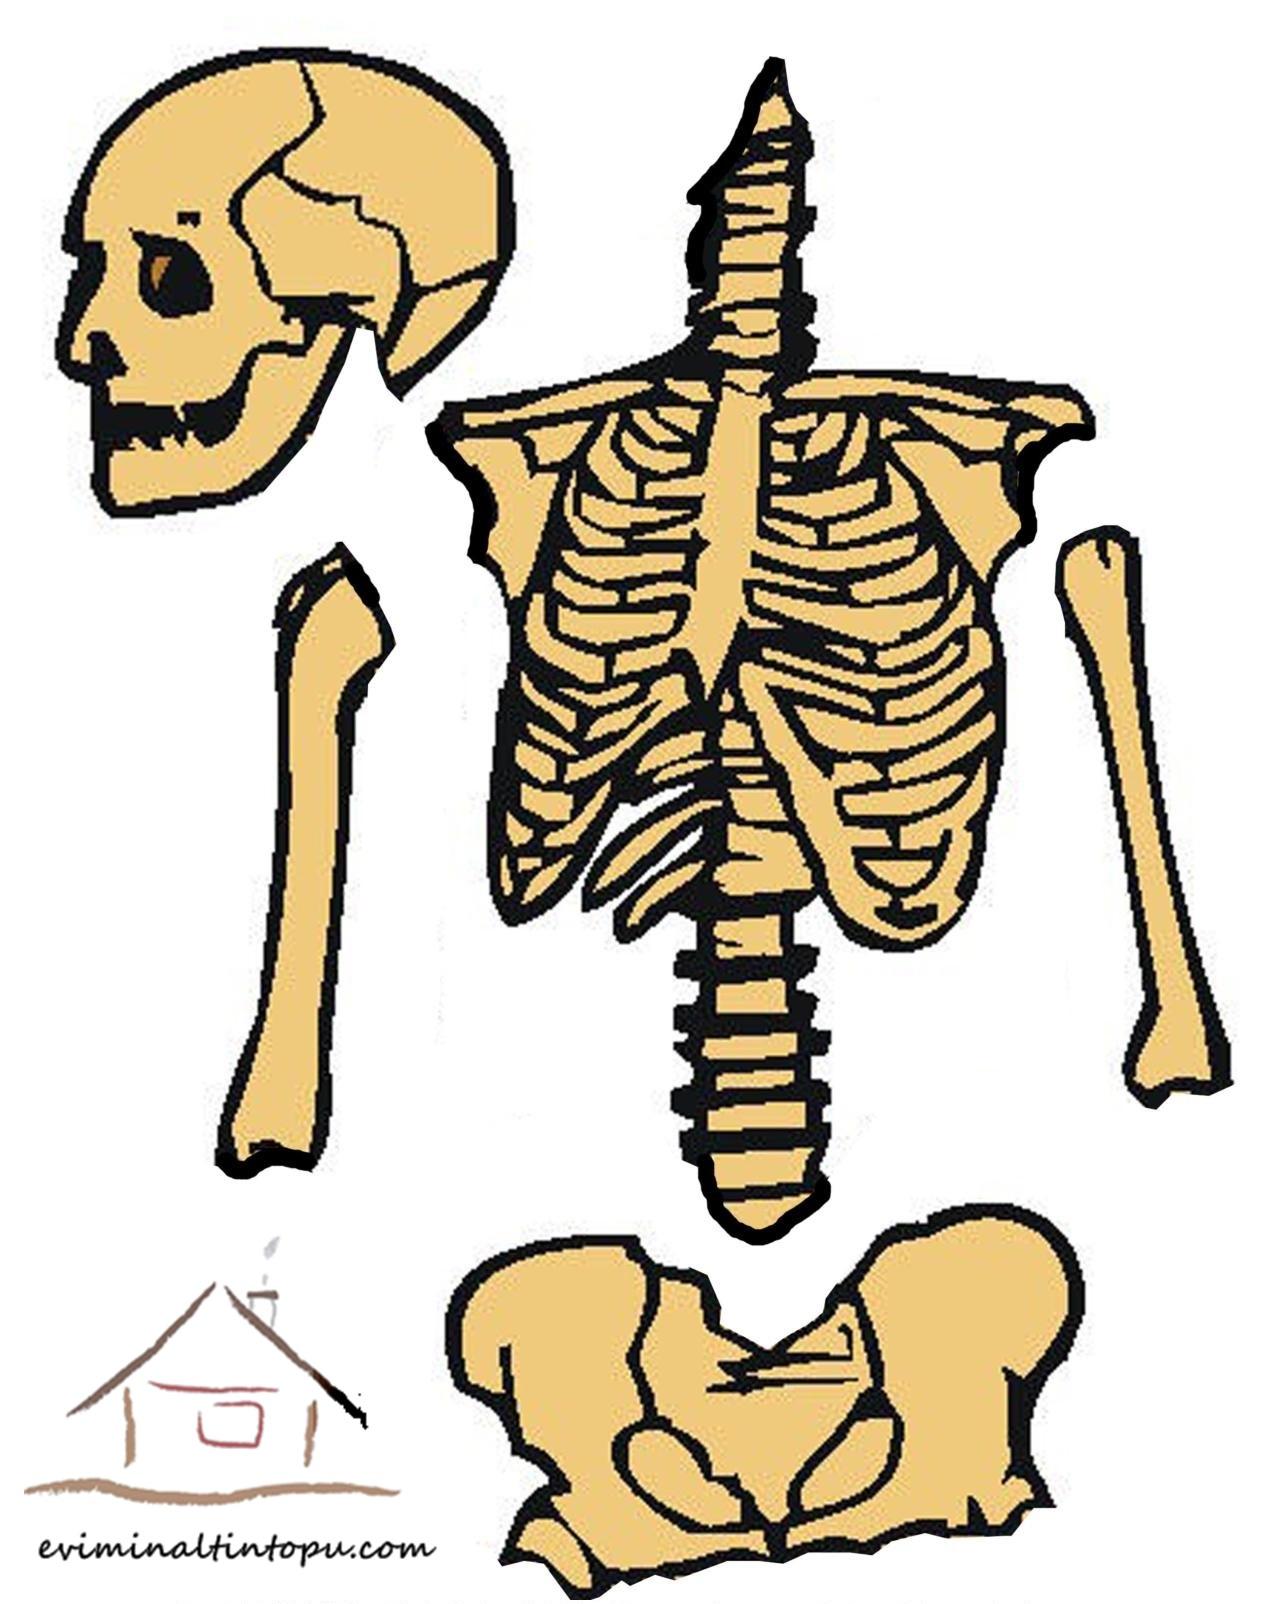 iskelet sistemini öğreniyorum